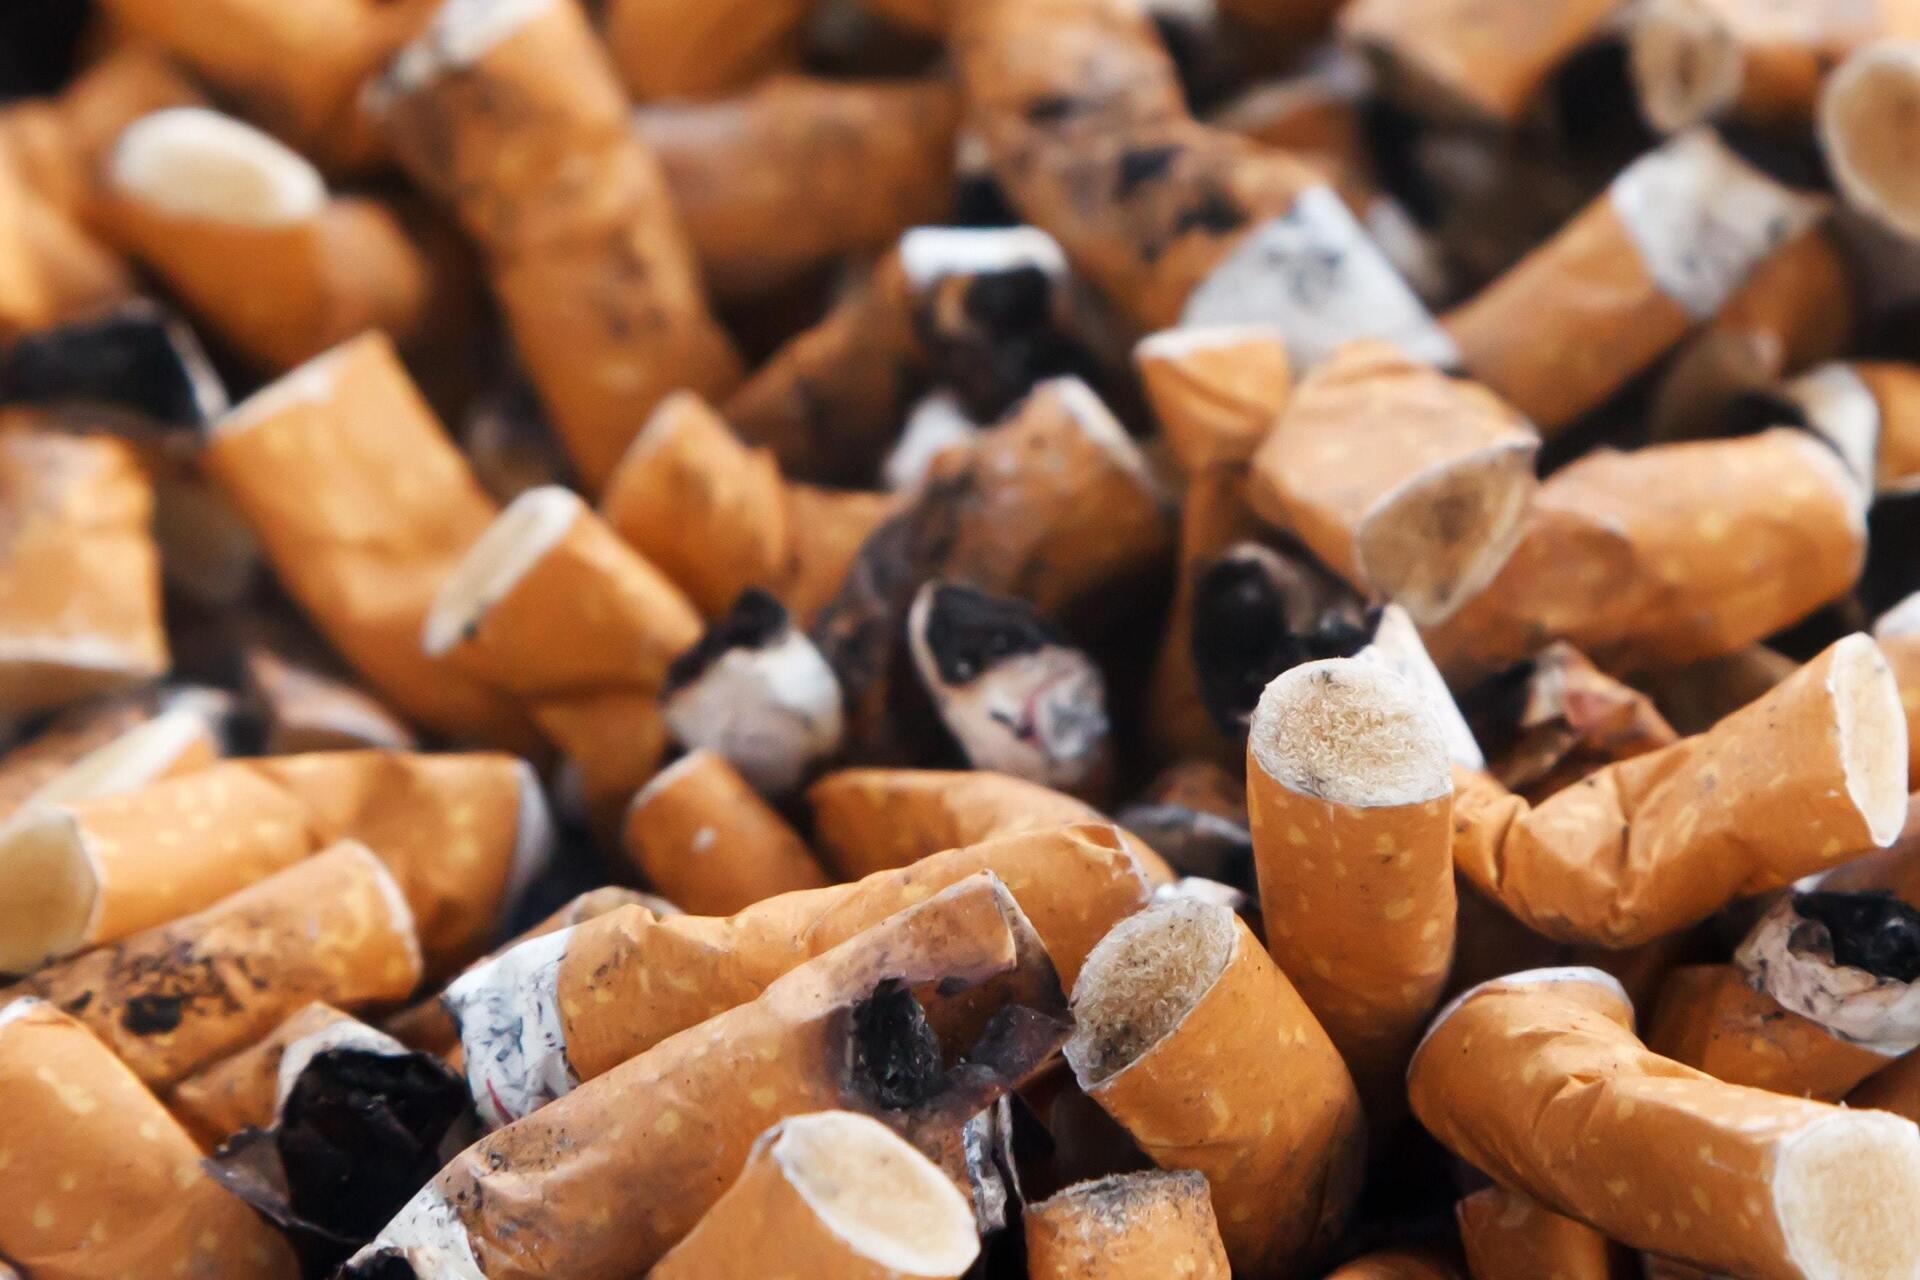 várias bitucas de cigarro